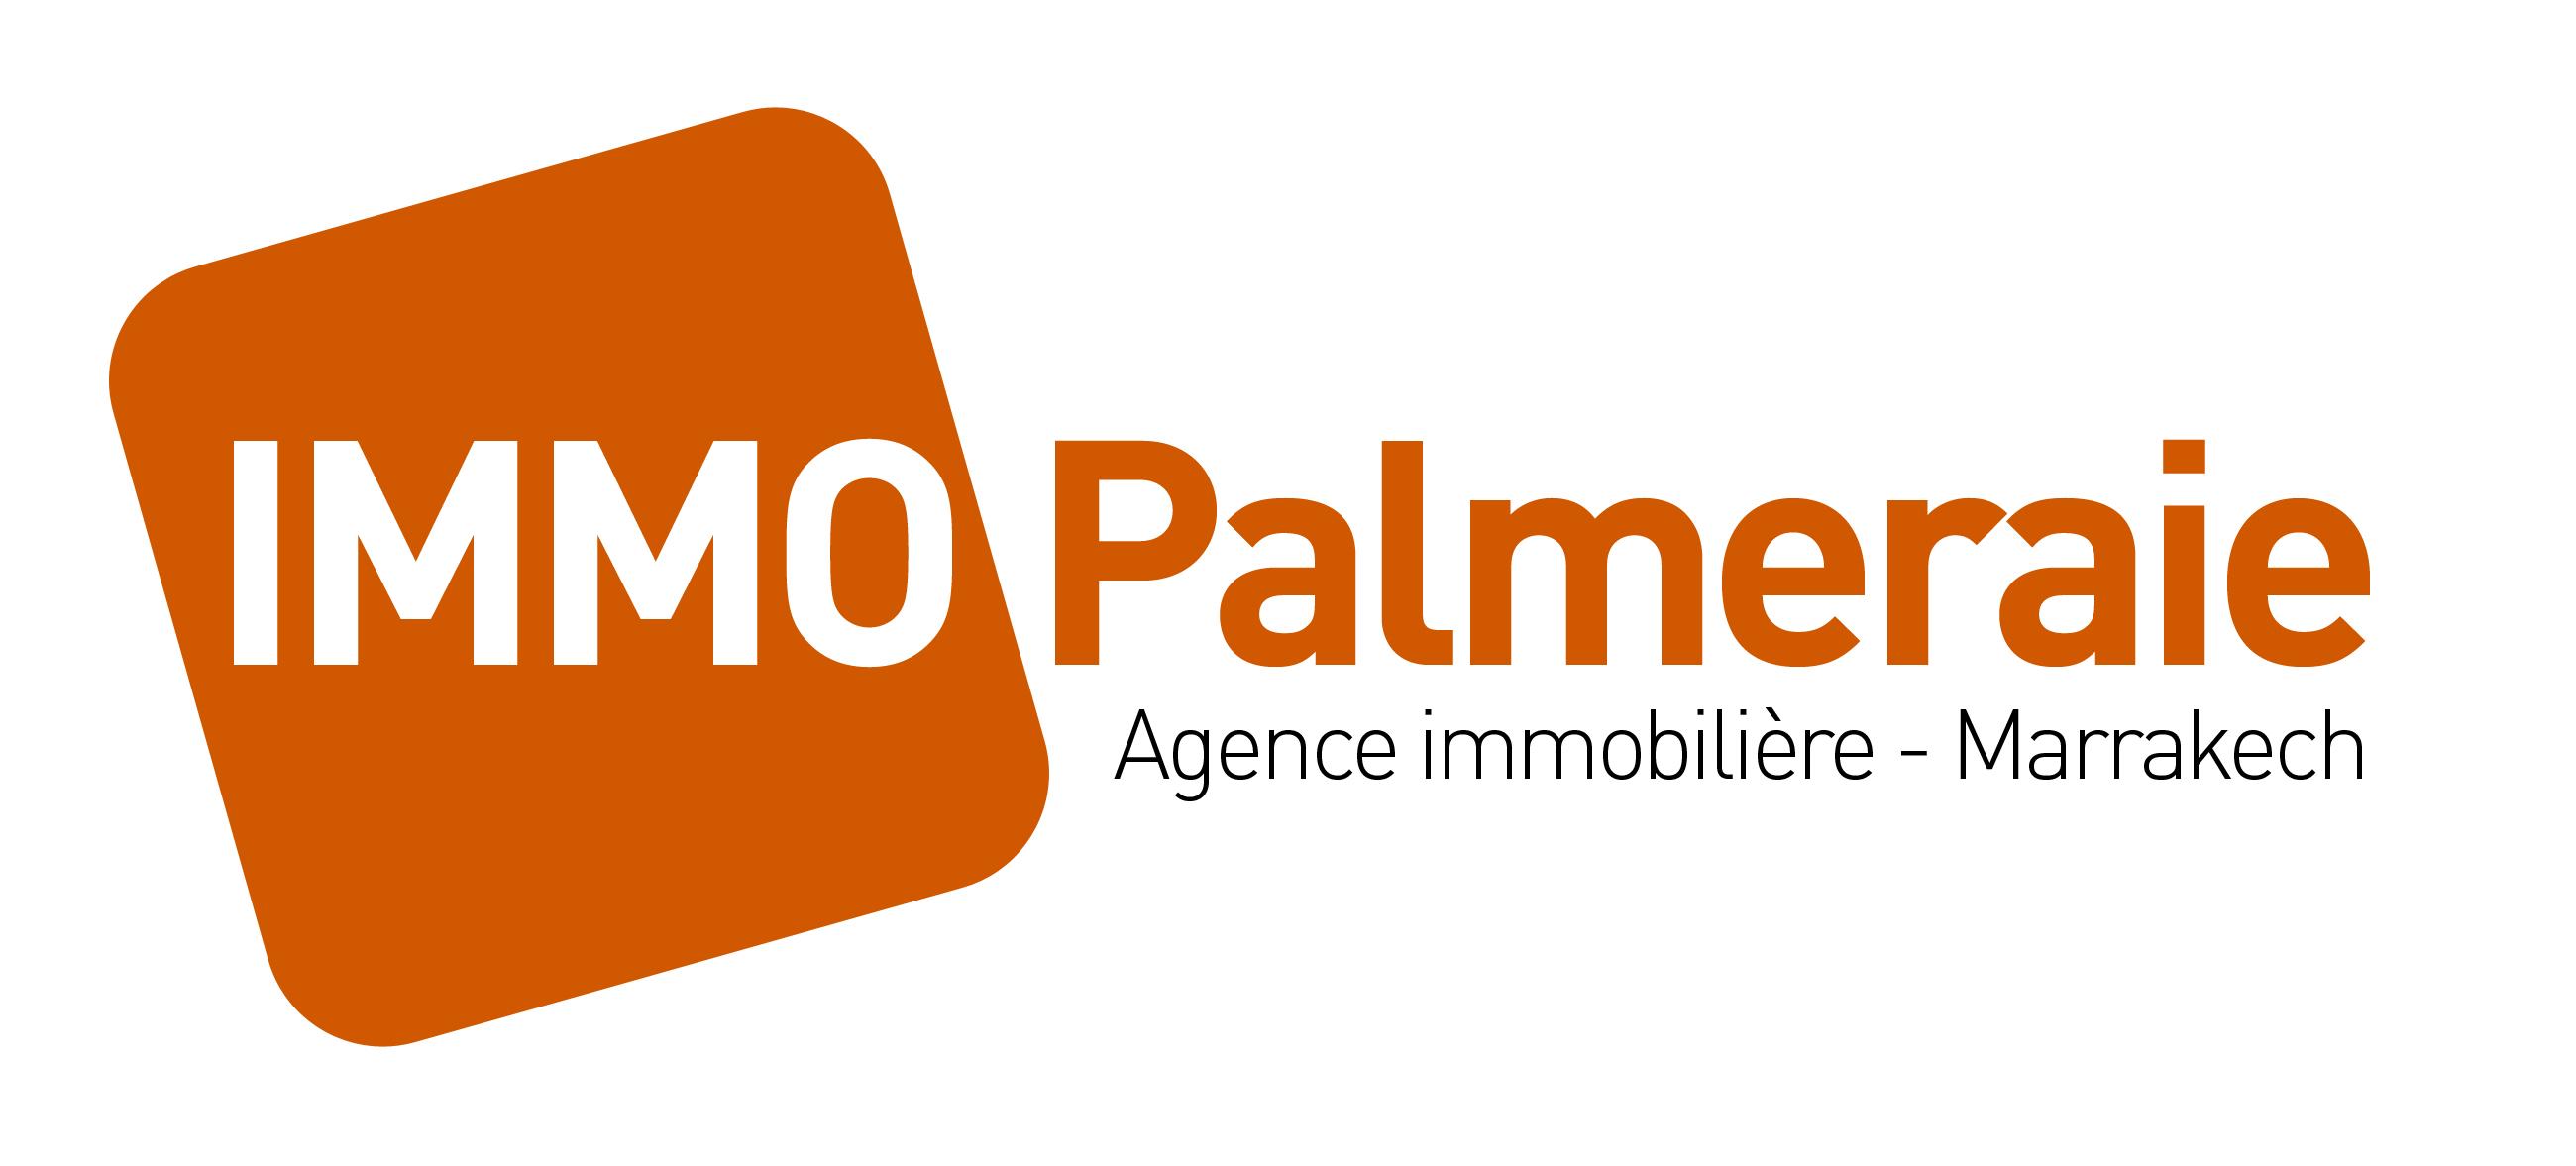 Agences immobili res marrakech et au maroc sur votre for Agence immobiliere orange